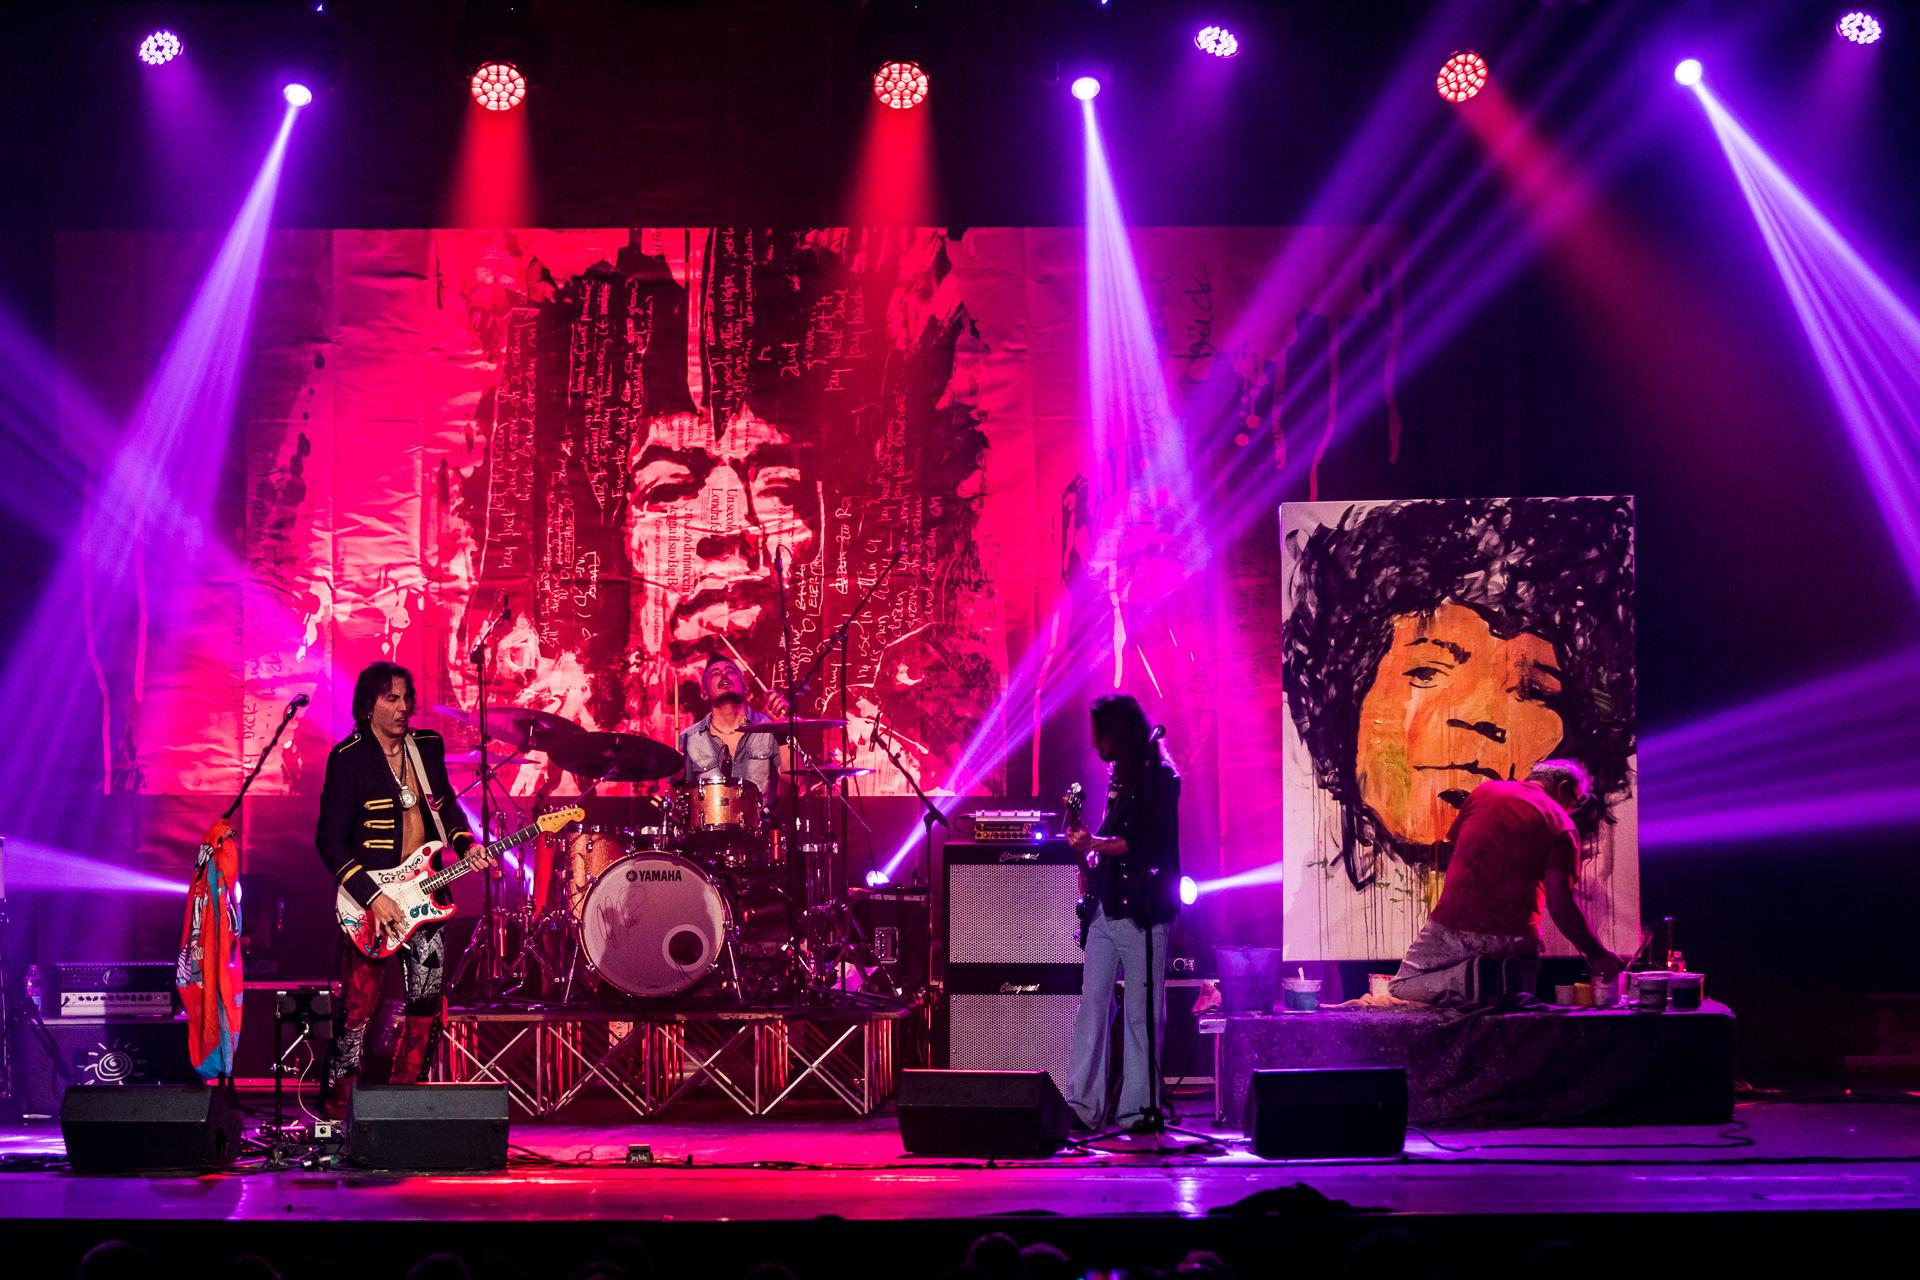 2020_01_15-we4show-Hendrix-©-Luca-Vantusso-211721-EOSR3069